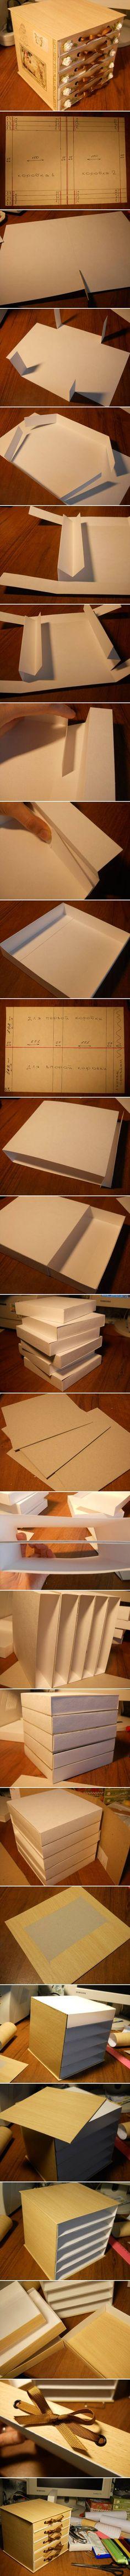 DIY Cute Cardboard Chest